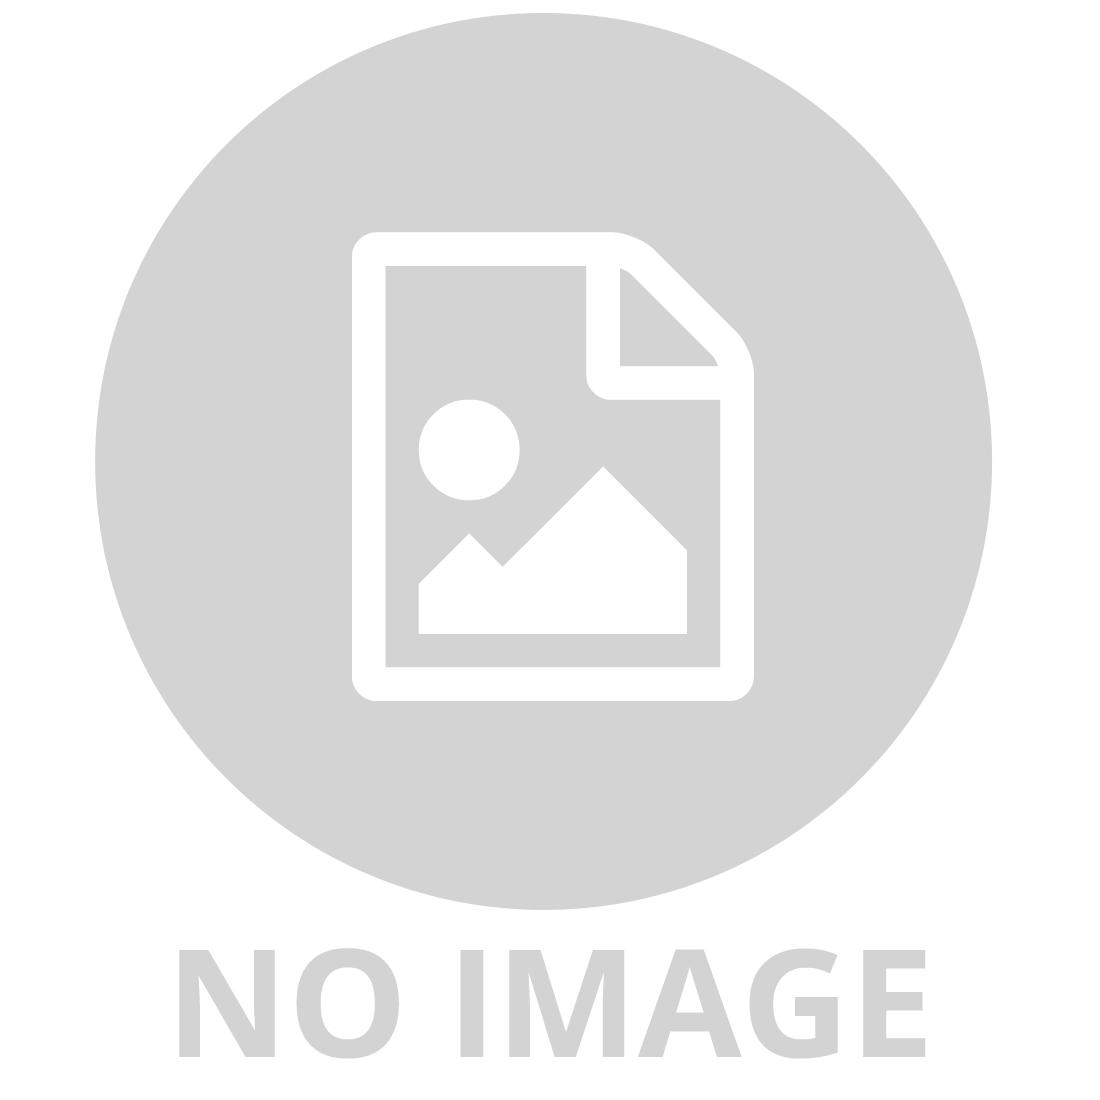 ROYAL 500 PLAYING CARD GAME